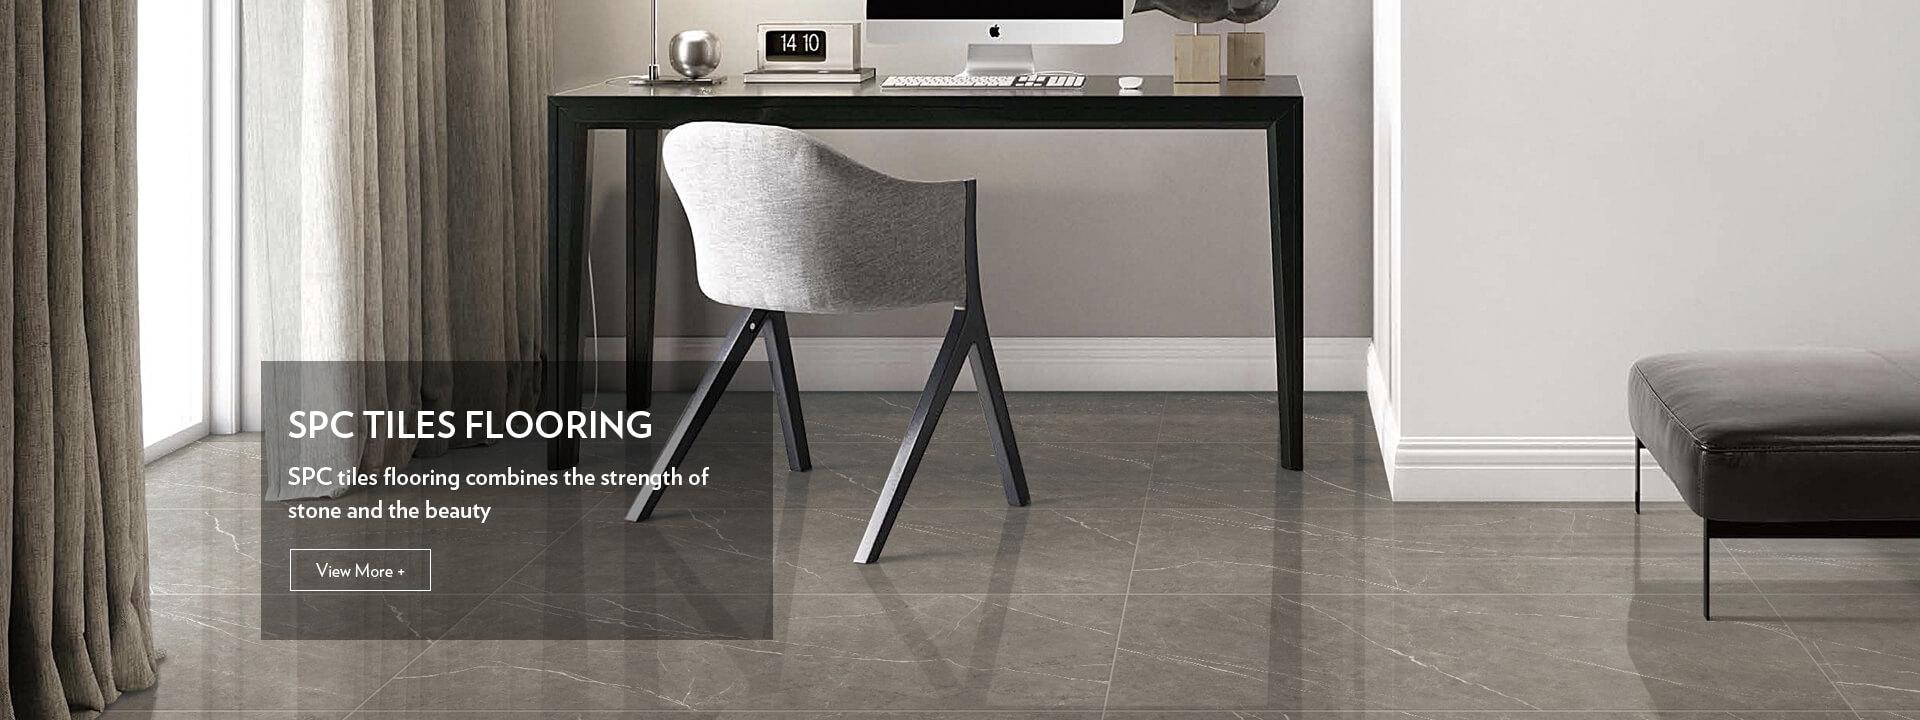 SPC Tiles Flooring